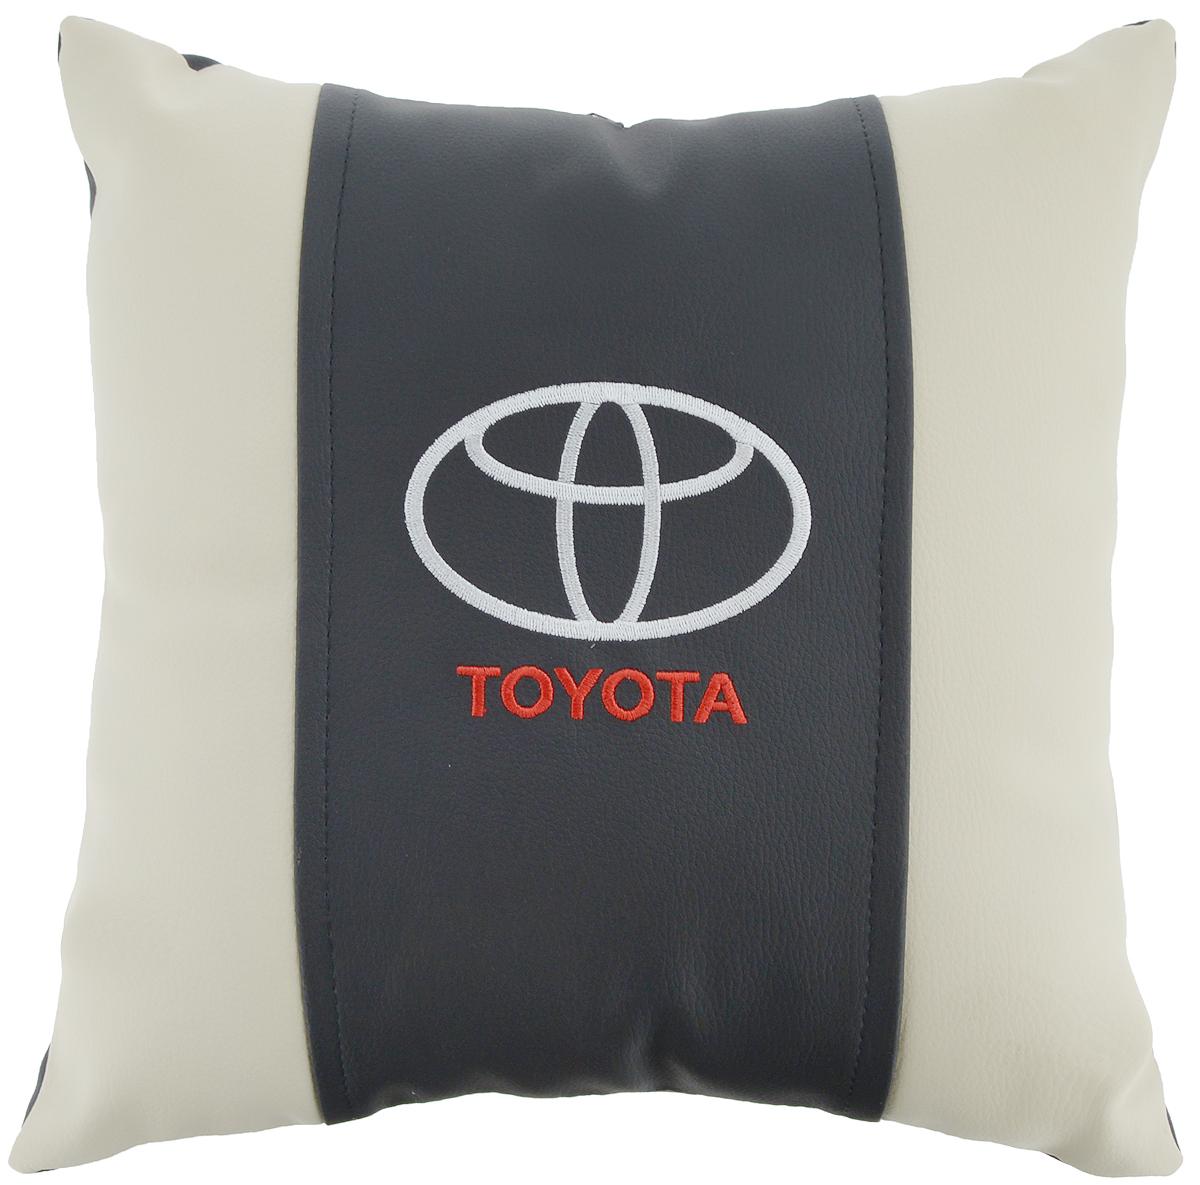 Подушка на сиденье Autoparts Toyota, 30 х 30 смRC-100BWCПодушка на сиденье Autoparts Toyota создана для тех, кто весьсвой день вынужден проводить за рулем. Чехол выполнен из высококачественной дышащей экокожи. Наполнителем служит холлофайбер. На задней части подушки имеется змейка. Особенности подушки: - Хорошо проветривается. - Предупреждает потение. - Поддерживает комфортную температуру. - Обминается по форме тела. - Улучшает кровообращение. - Исключает затечные явления. - Предупреждает развитие заболеваний, связанных с сидячим образом жизни. Подушка также будет полезна и дома - при работе за компьютером, школьникам - при выполнении домашних работ, да и в любимом кресле перед телевизором.